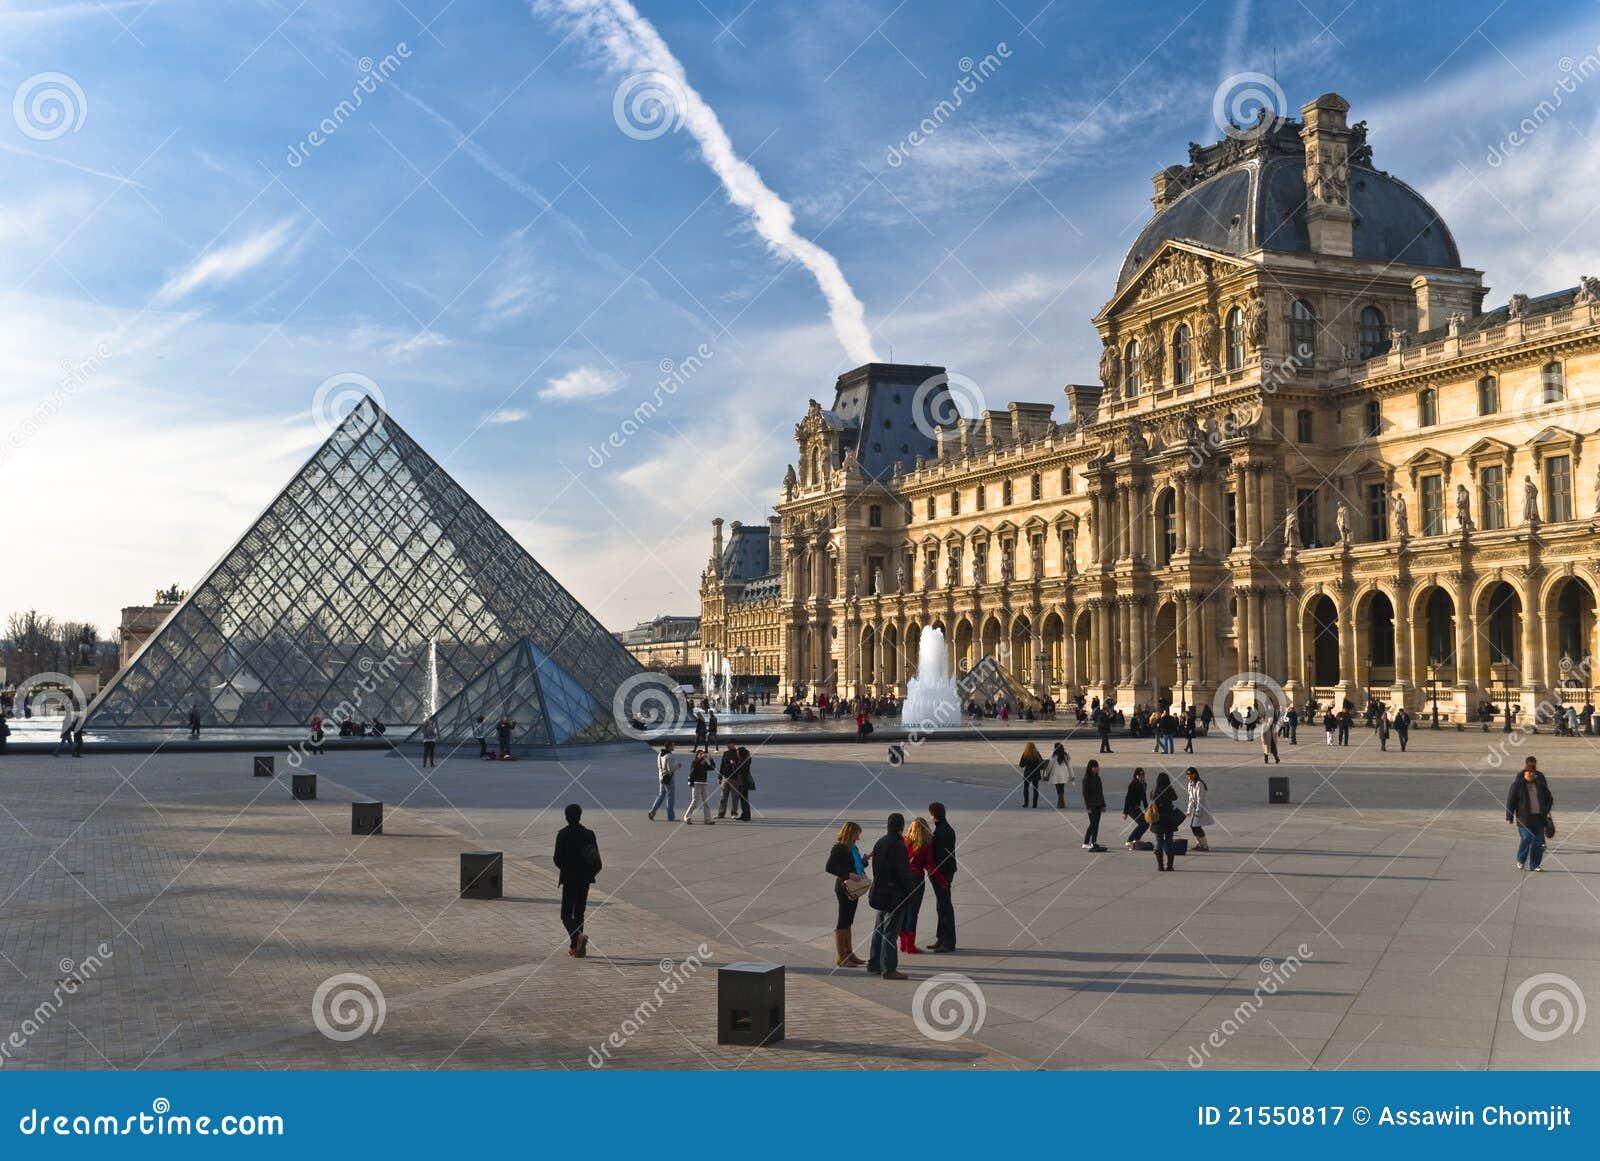 PARIS - 20. März. Touristen genießen am Luftschlitz